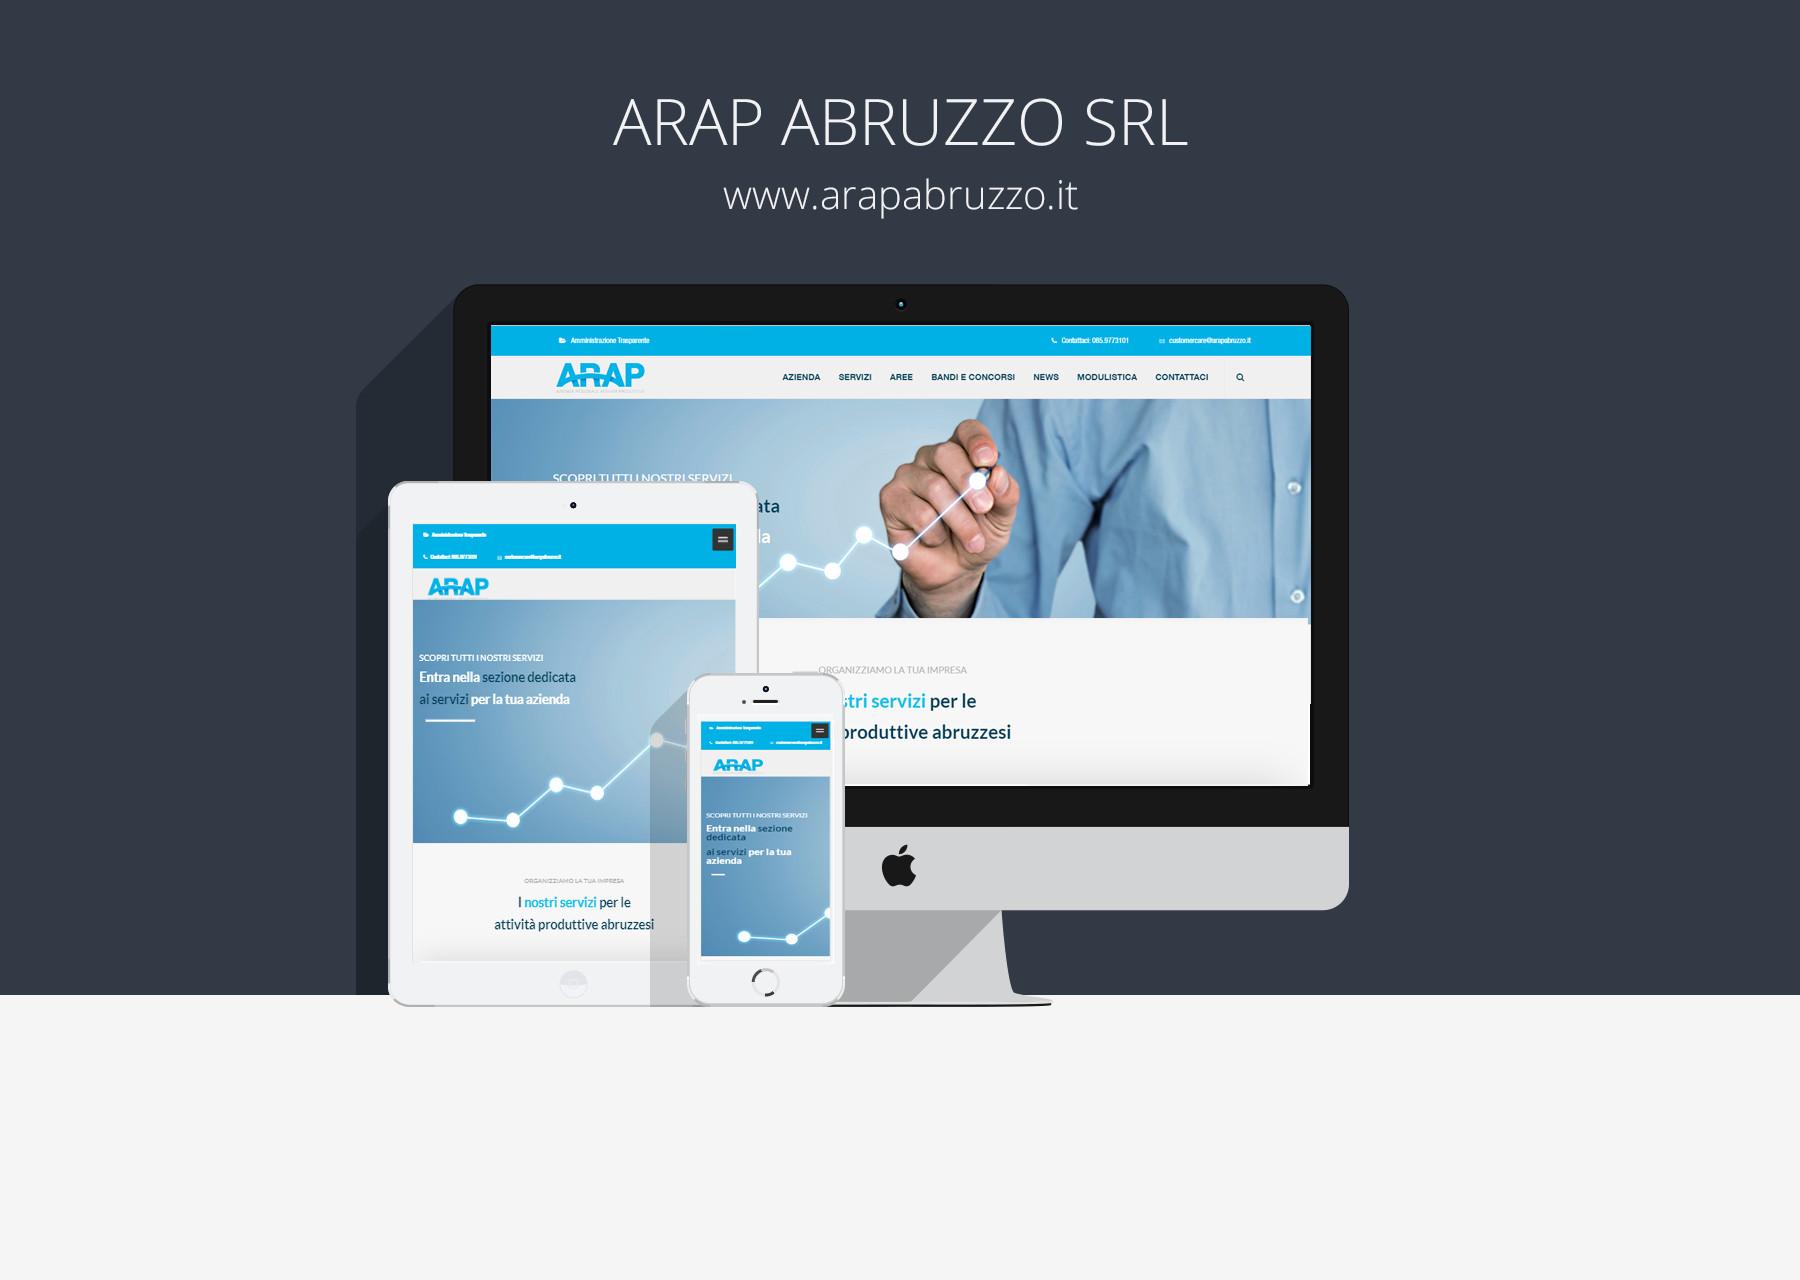 ARAP Abruzzo